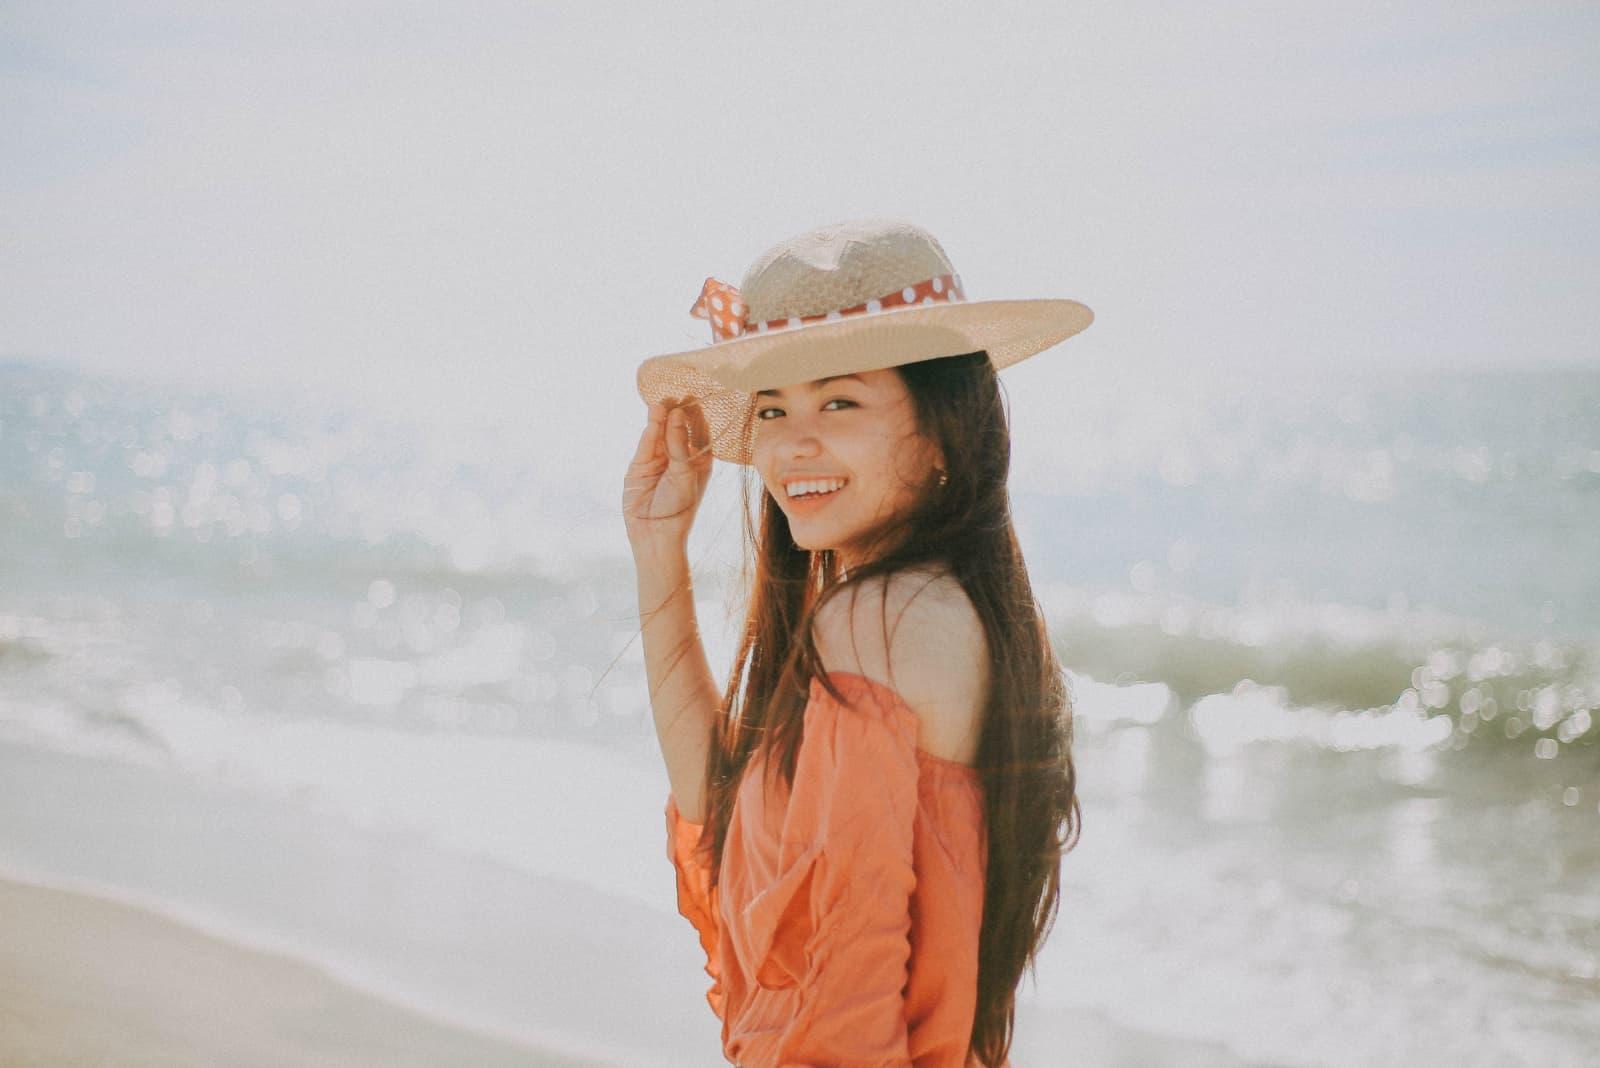 femme heureuse avec chapeau debout près de la mer